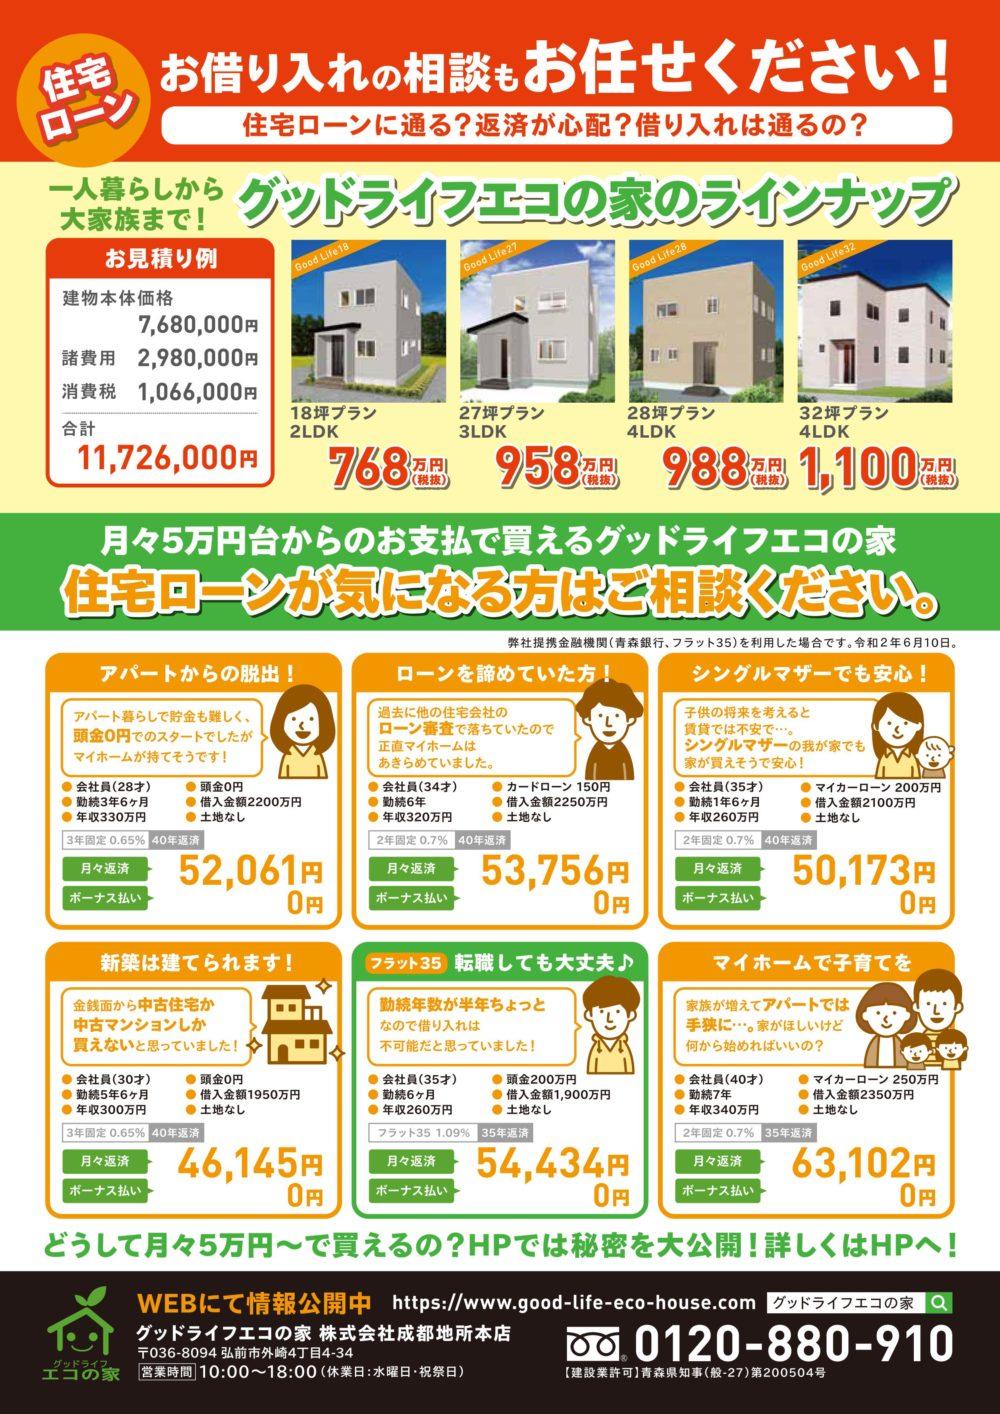 平川市松崎展示場-9月見学会|グッドライフエコの家